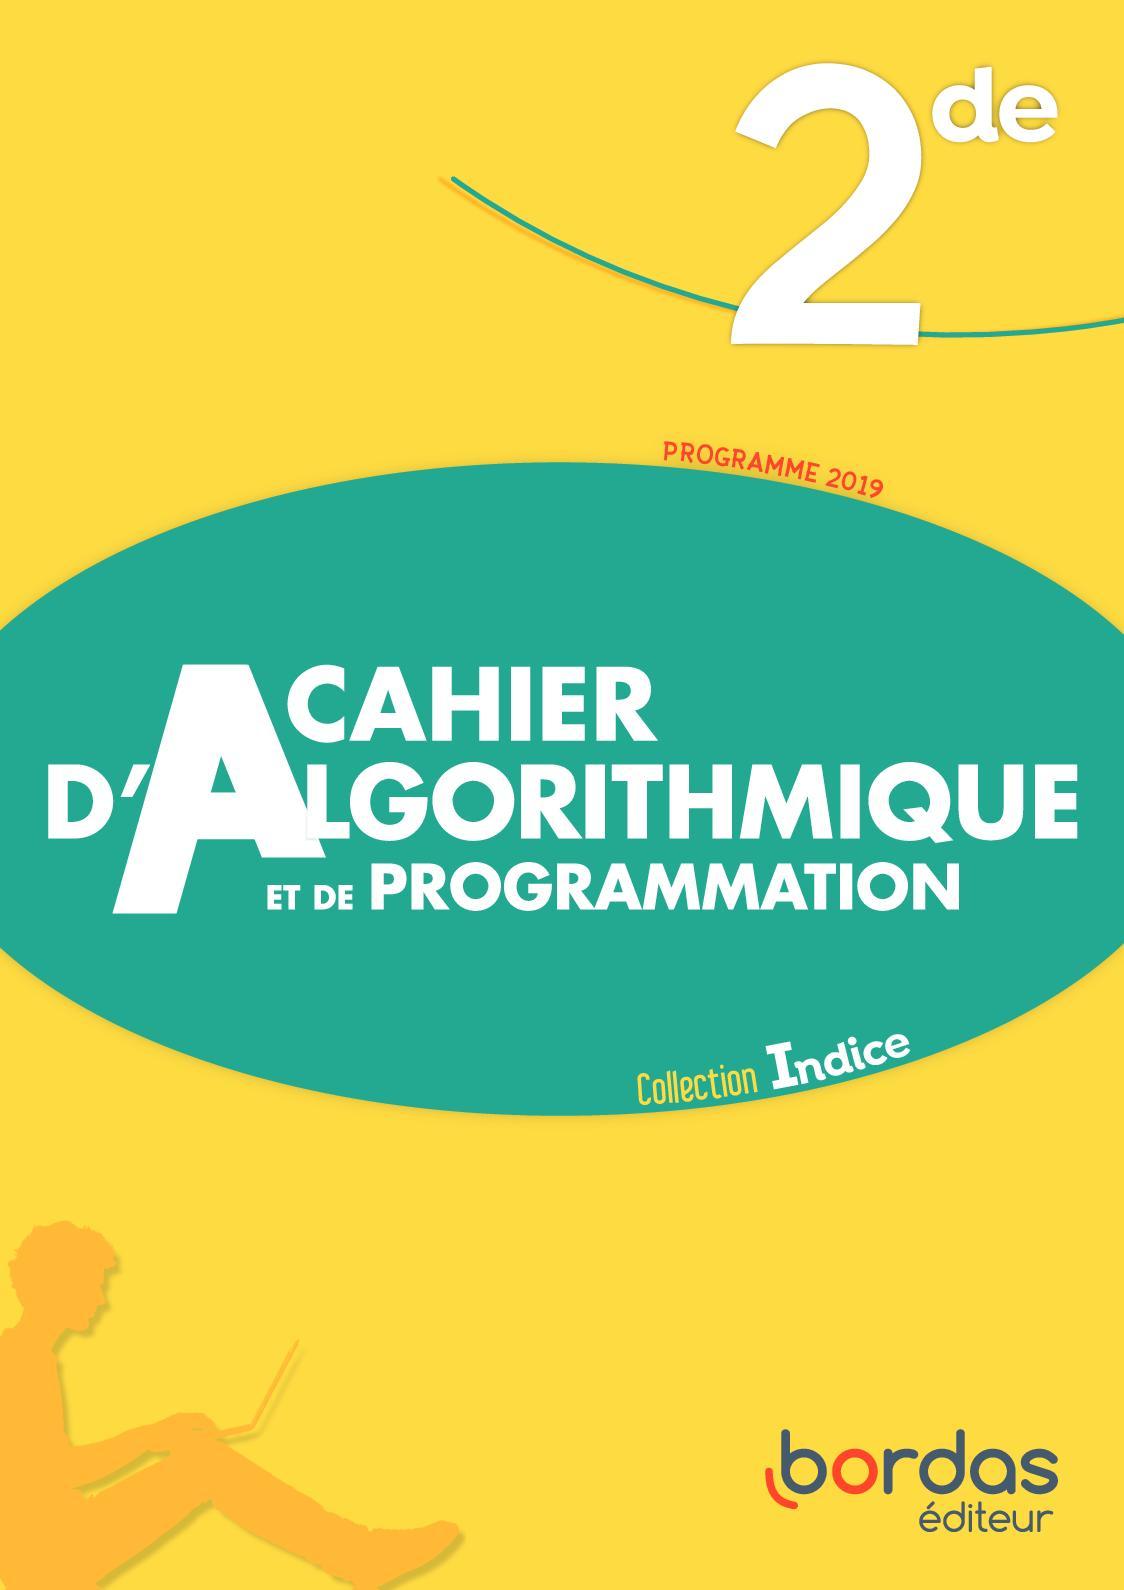 Cahier Algorithmique 2de